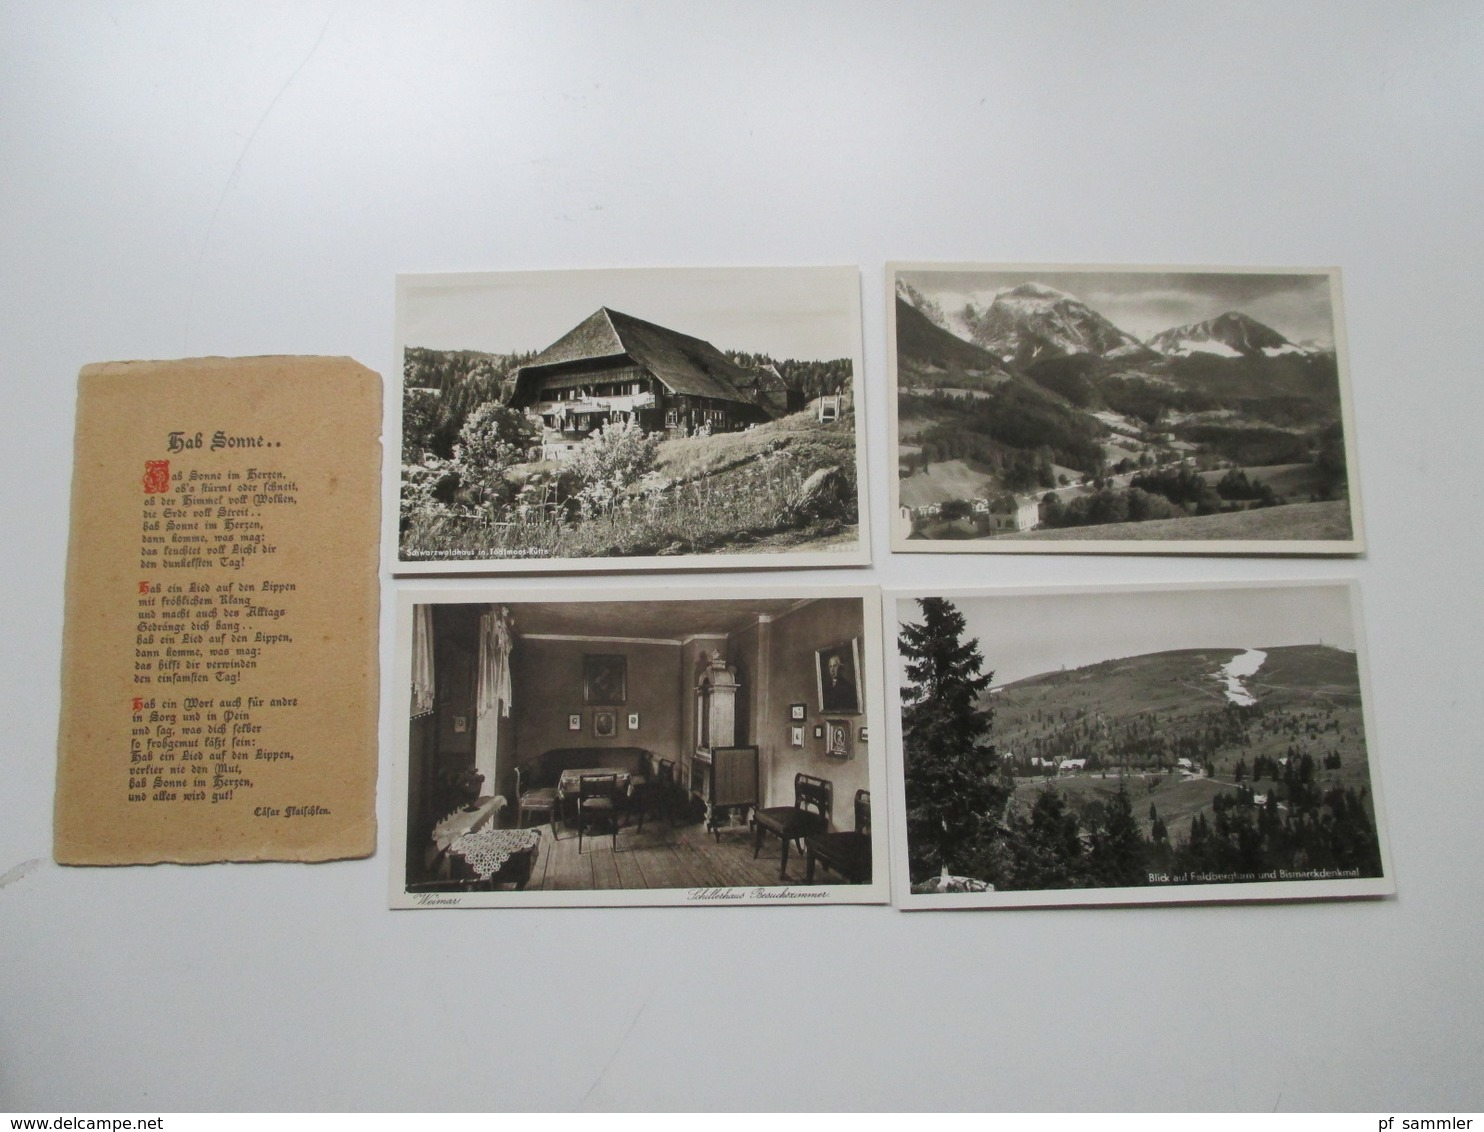 AK Deutschland / Etwas Europa Ca. 1909 - 50er Jahre Insgesamt 135 Karten / Ein Paar Fotos. Stöberposten!! - 100 - 499 Karten